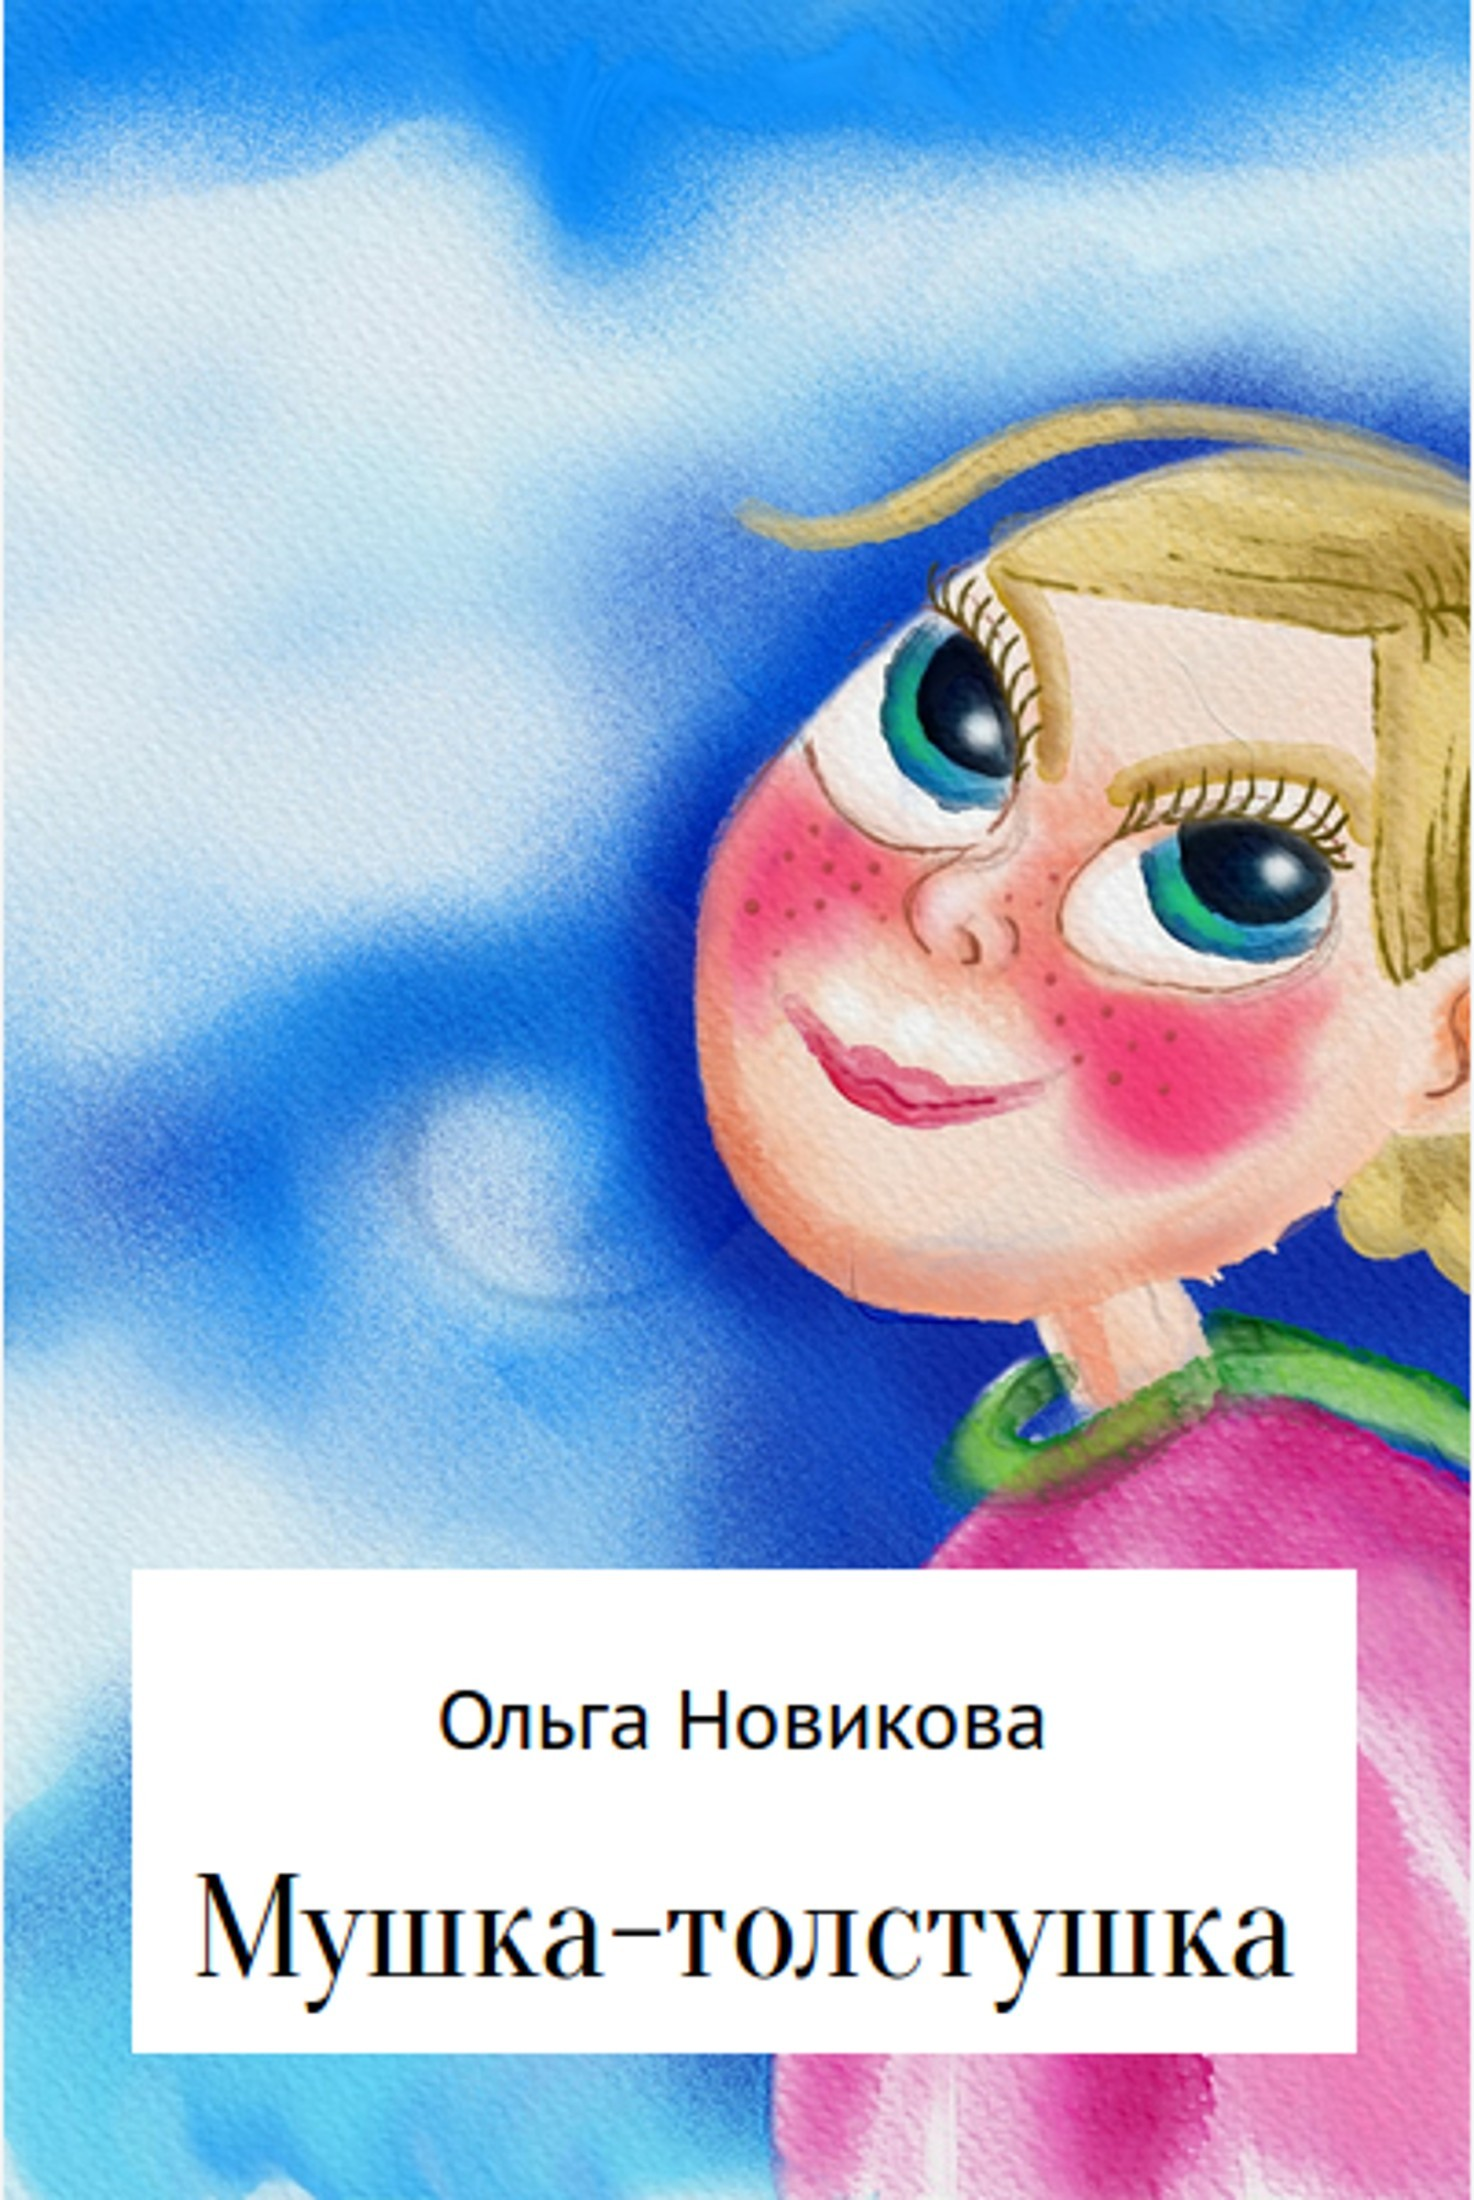 Книга Мушка-толстушка